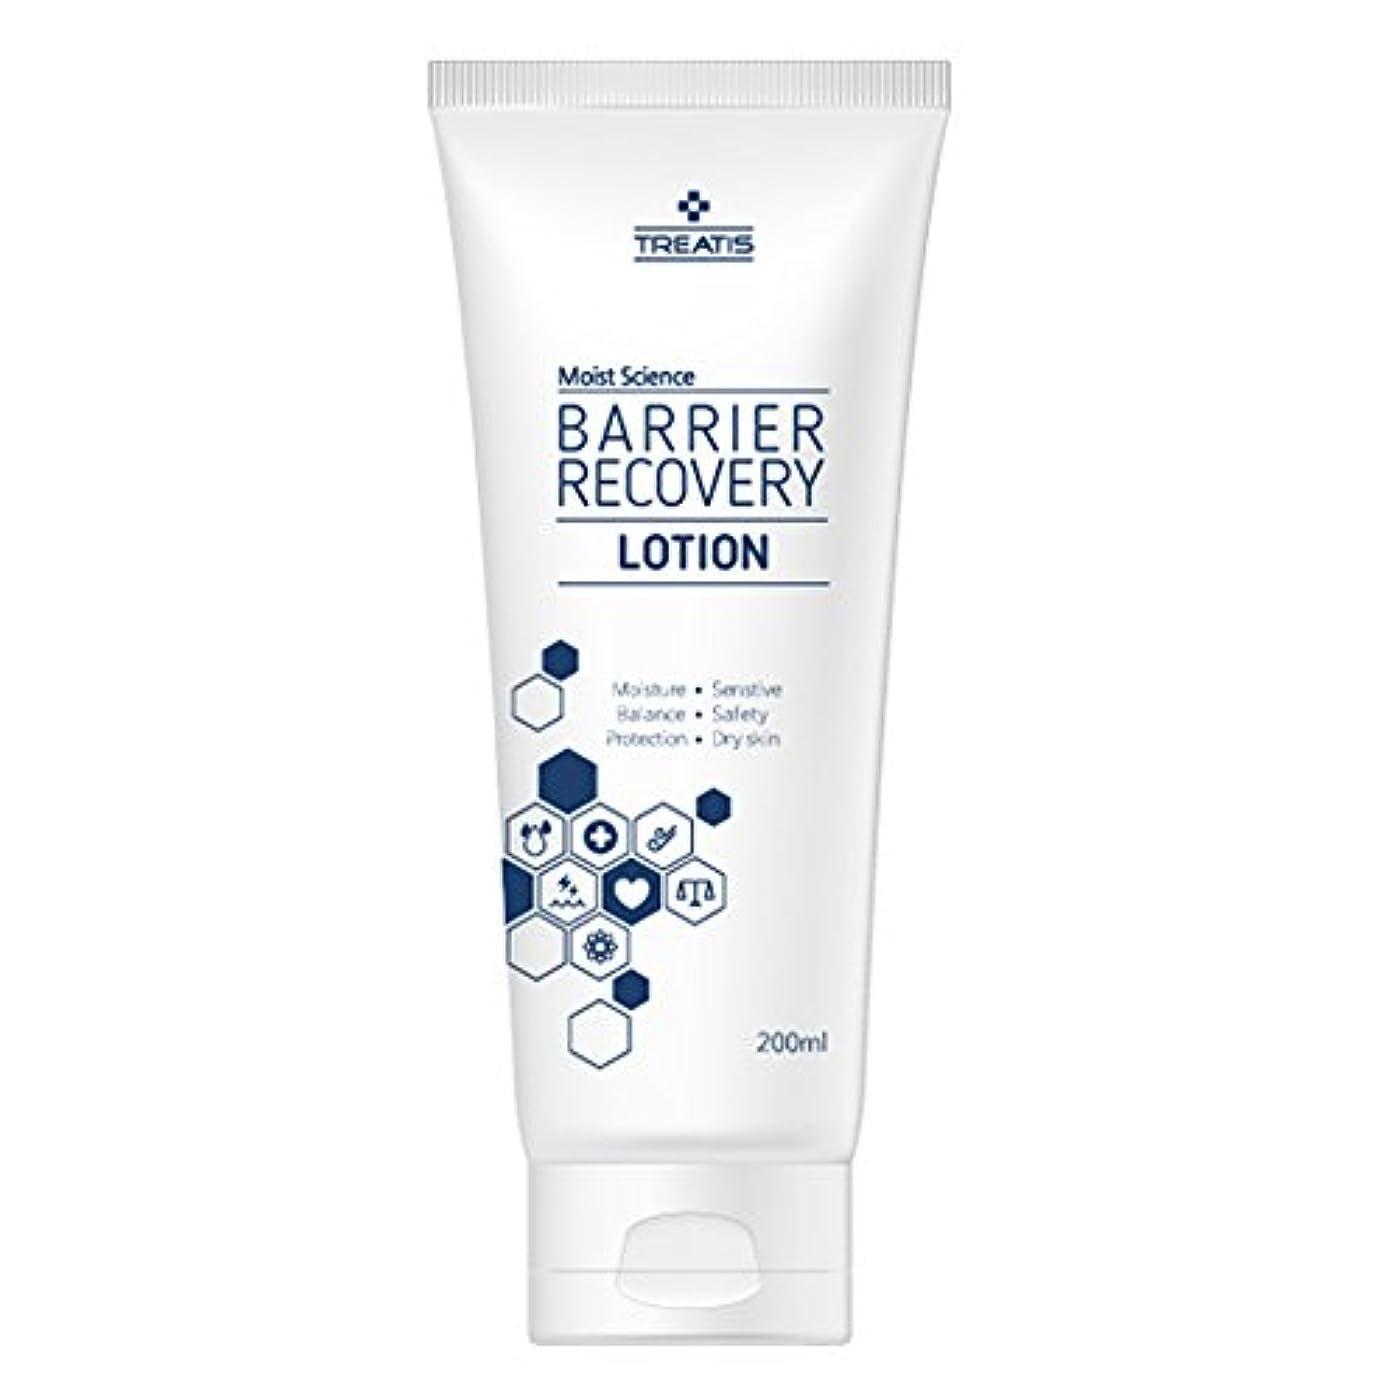 アーク行為収束するTreatis barrier recovery lotion 7oz (200ml)/Moisture, Senstive, Balance, Safty, Protection, Dry skin [並行輸入品]